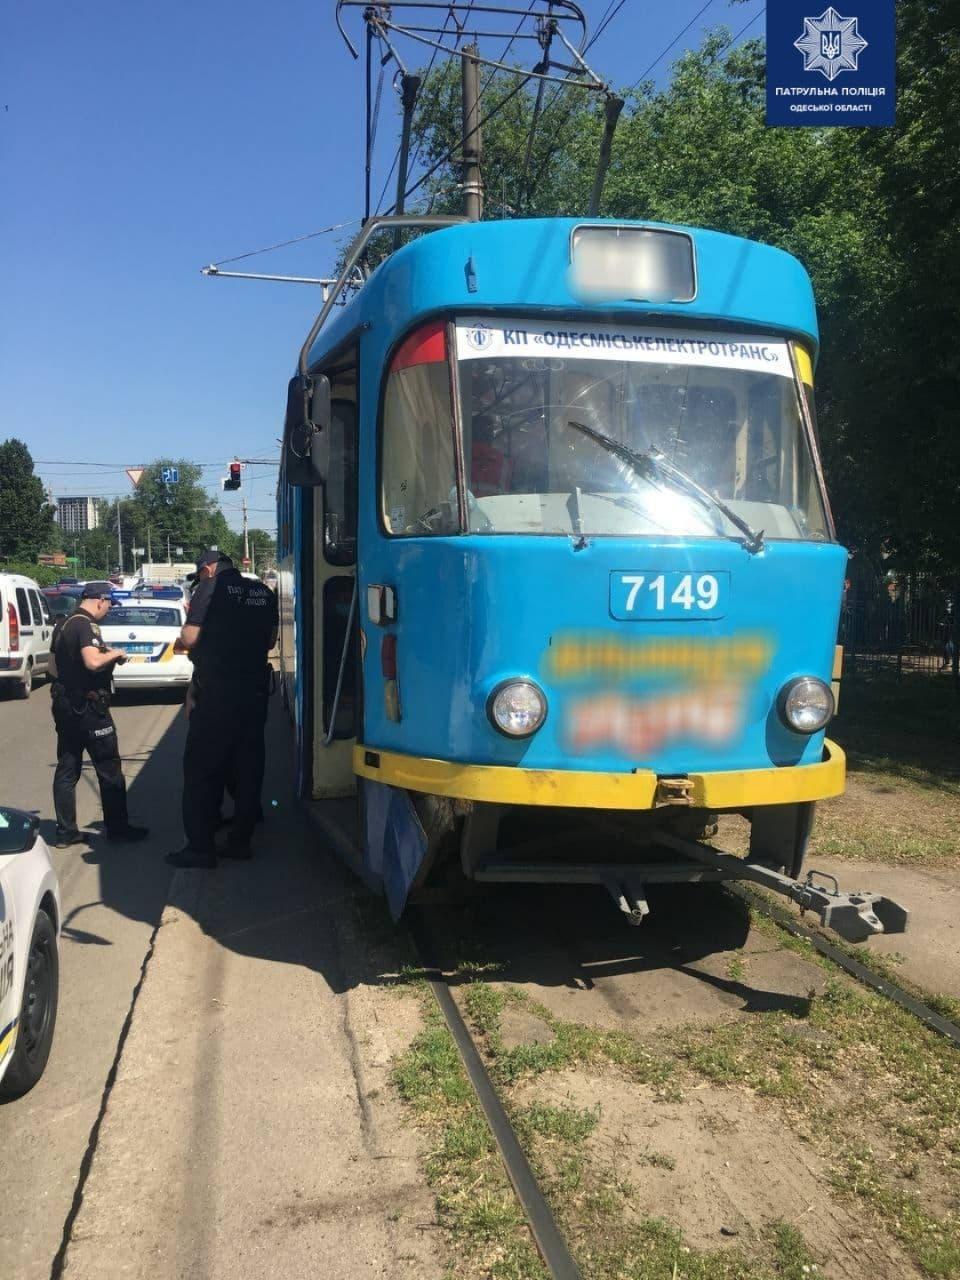 ДТП с трамваем. Фото Патрульной полиции